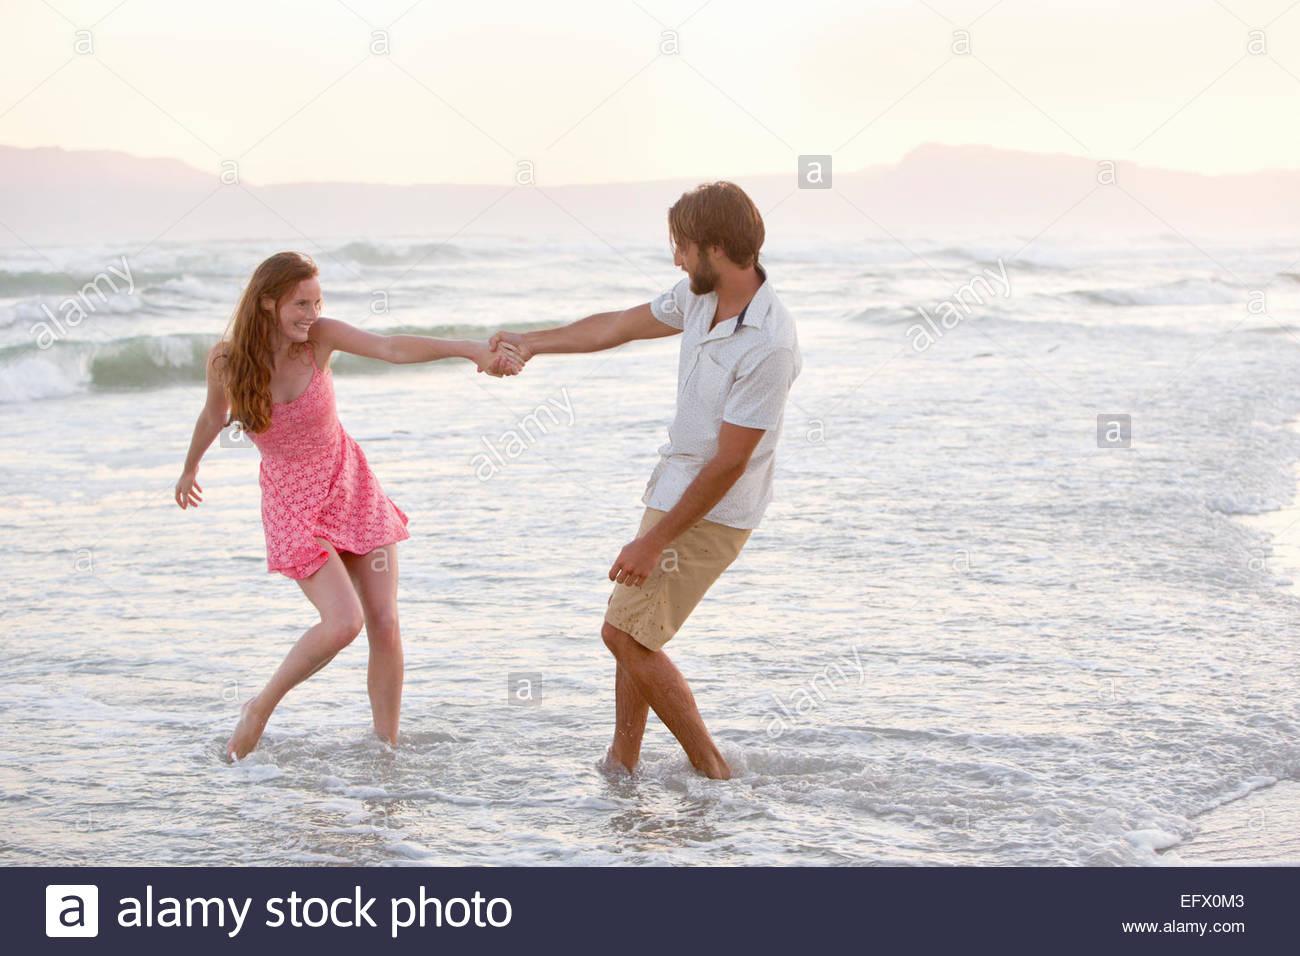 Giovane, scherzosamente tirando ogni altro nel mare di sunny beach Immagini Stock